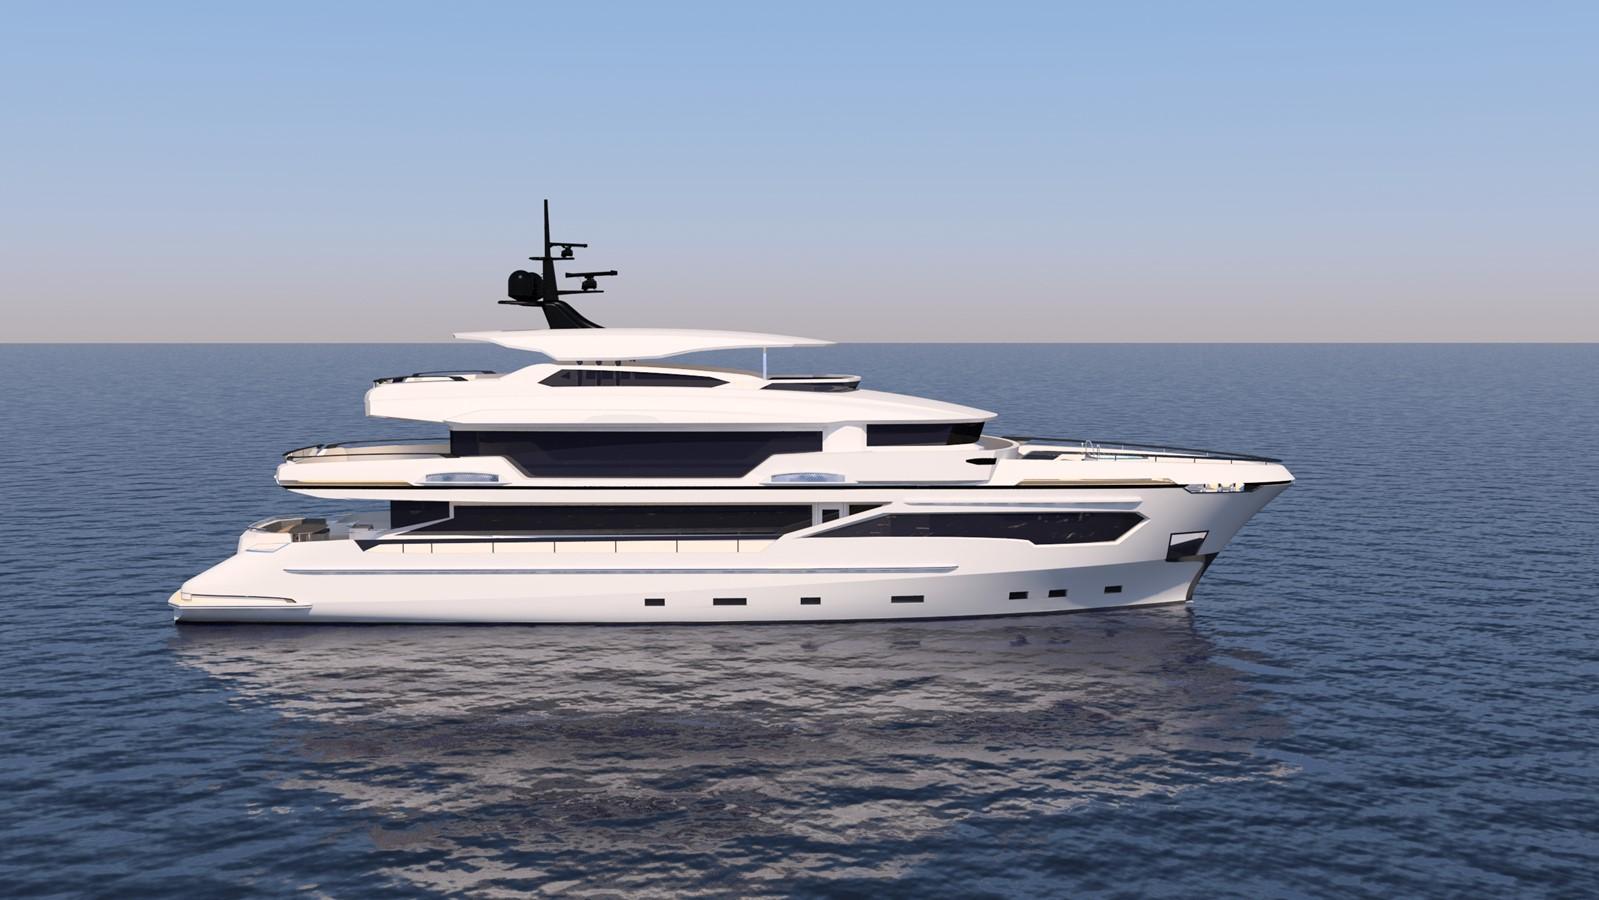 2022 AVA YACHTS Kando 130 Motor Yacht 2091086